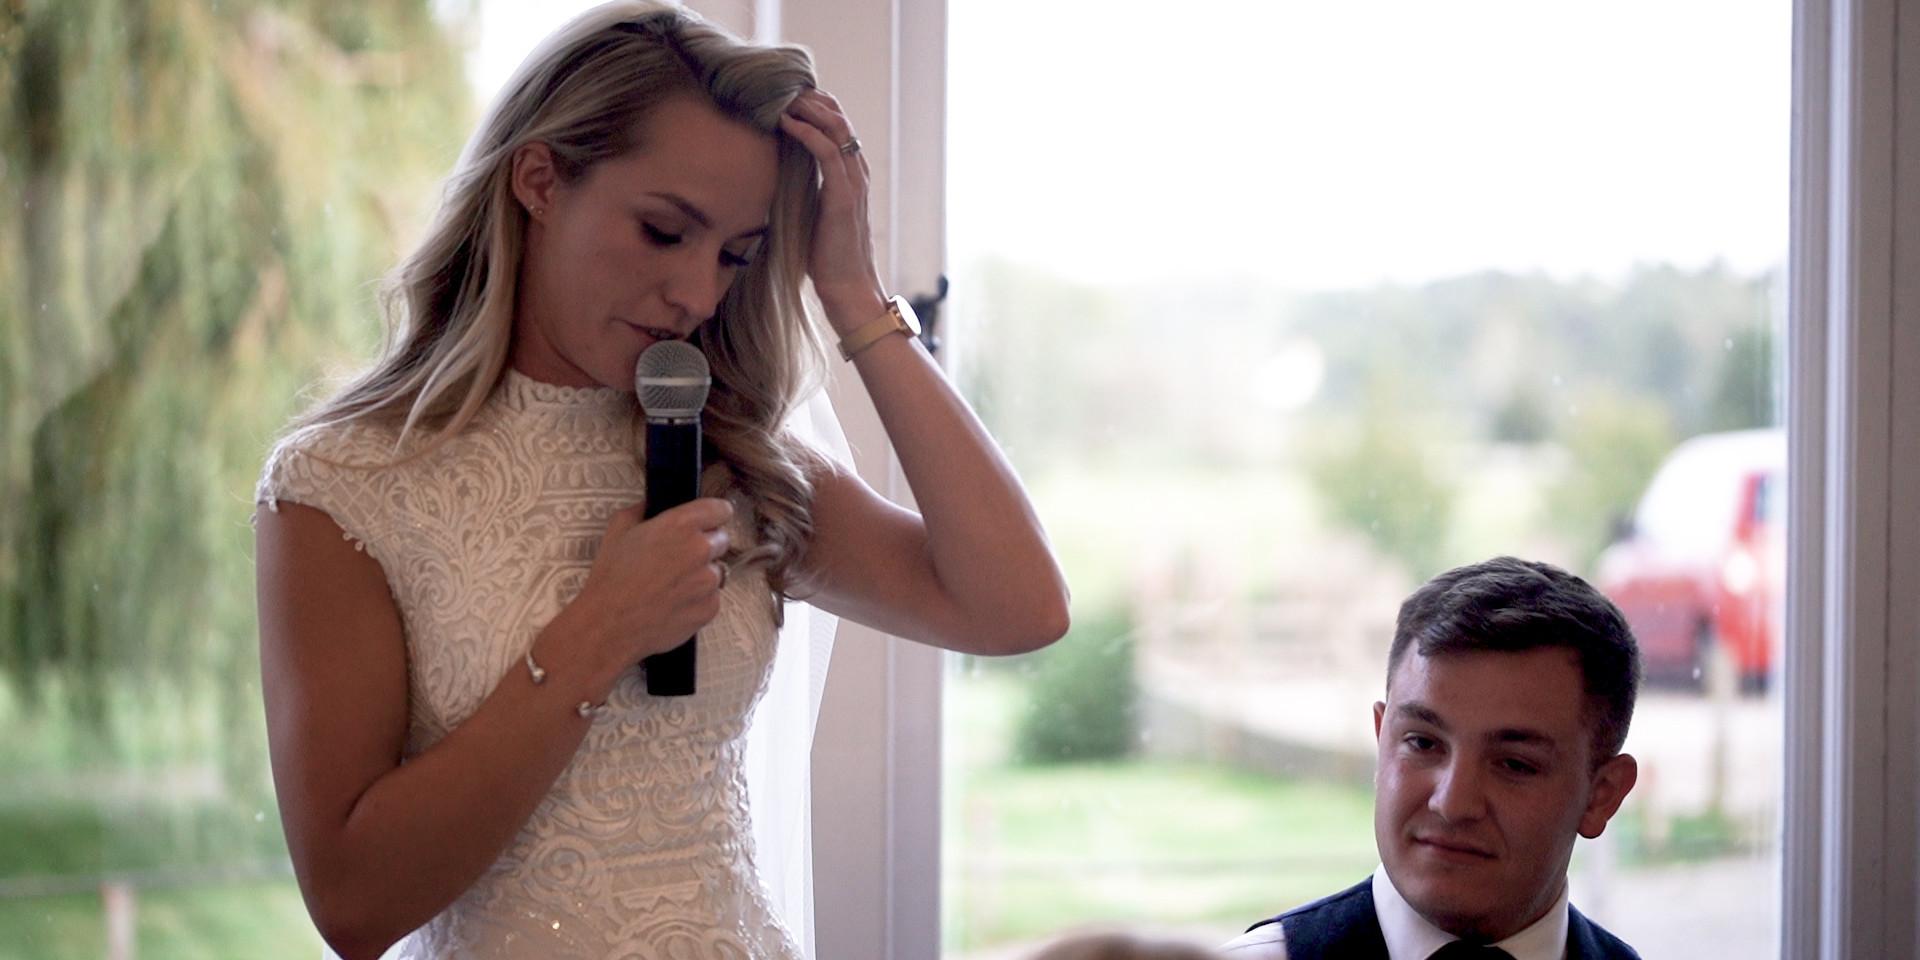 Wedding-ShortFilm.00_08_24_17.Still084.j